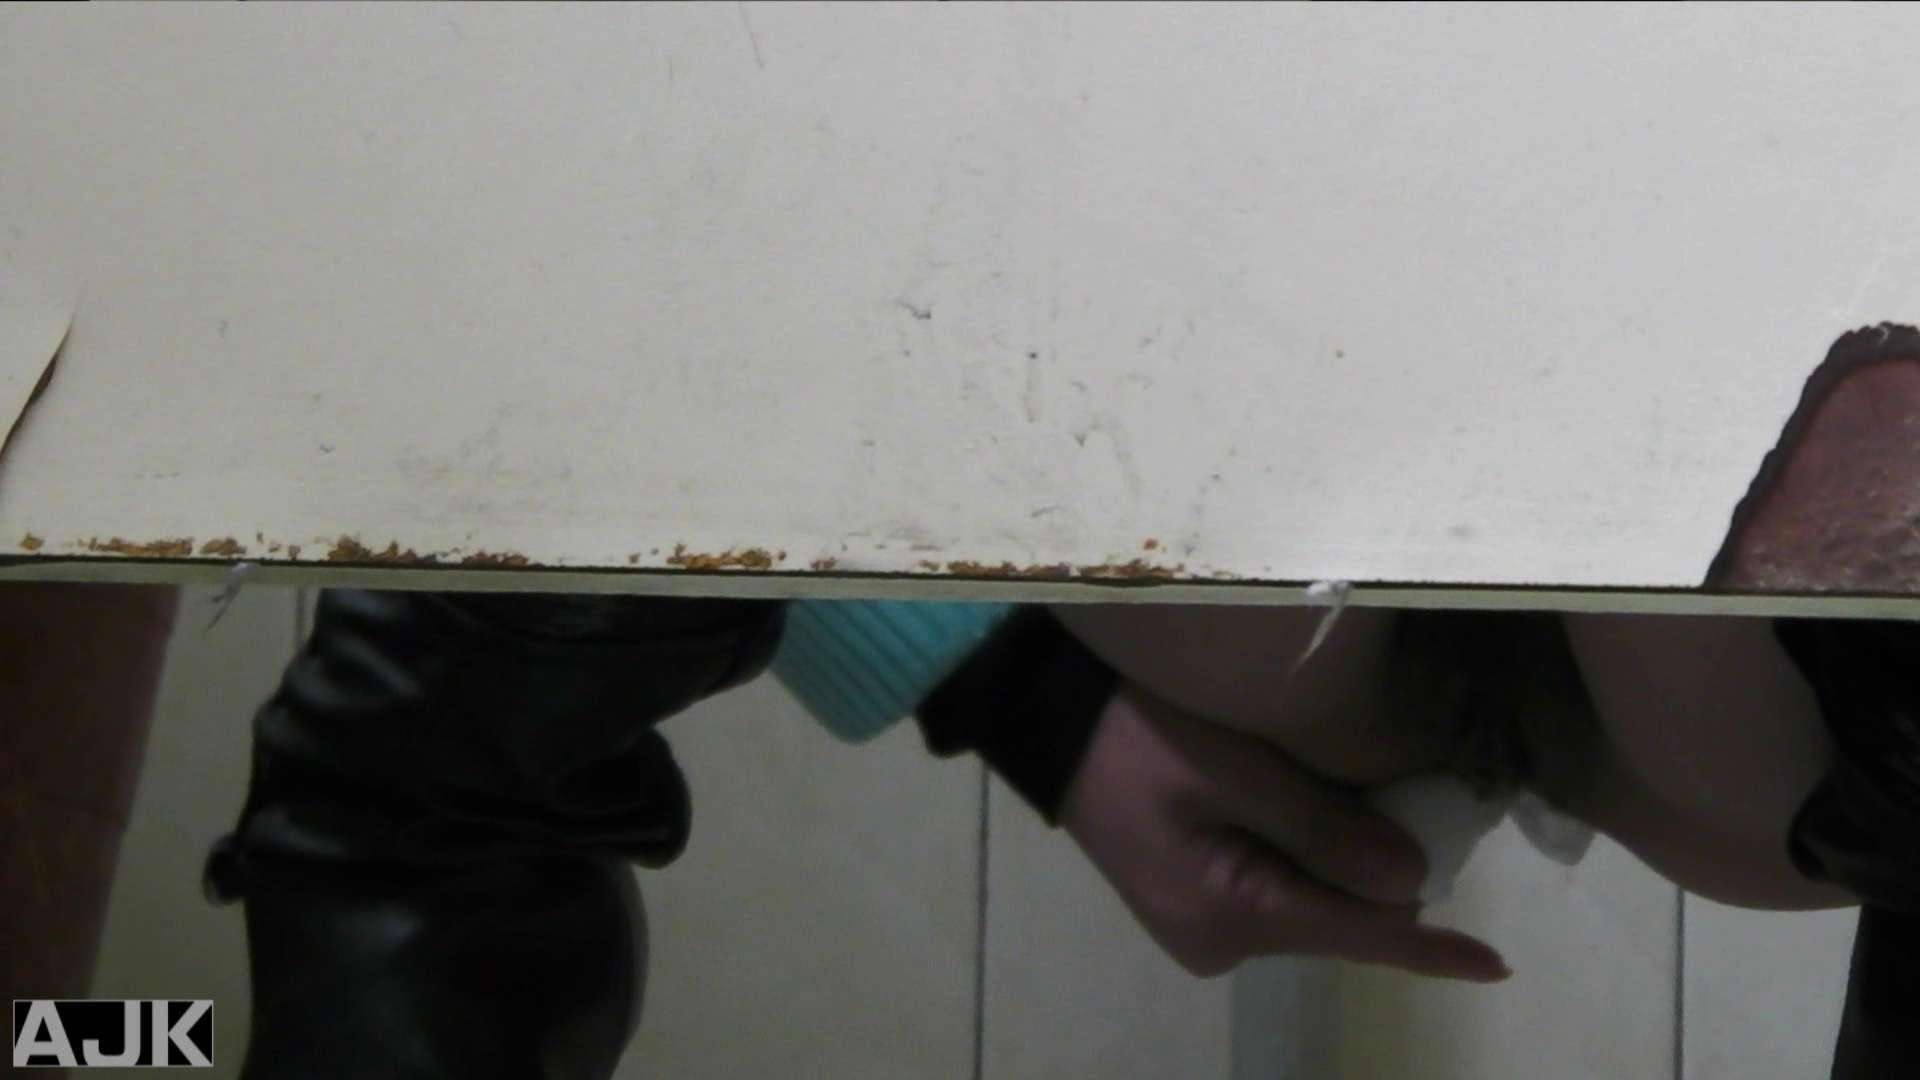 隣国上階級エリアの令嬢たちが集うデパートお手洗い Vol.07 洗面所のぞき ワレメ動画紹介 111枚 24